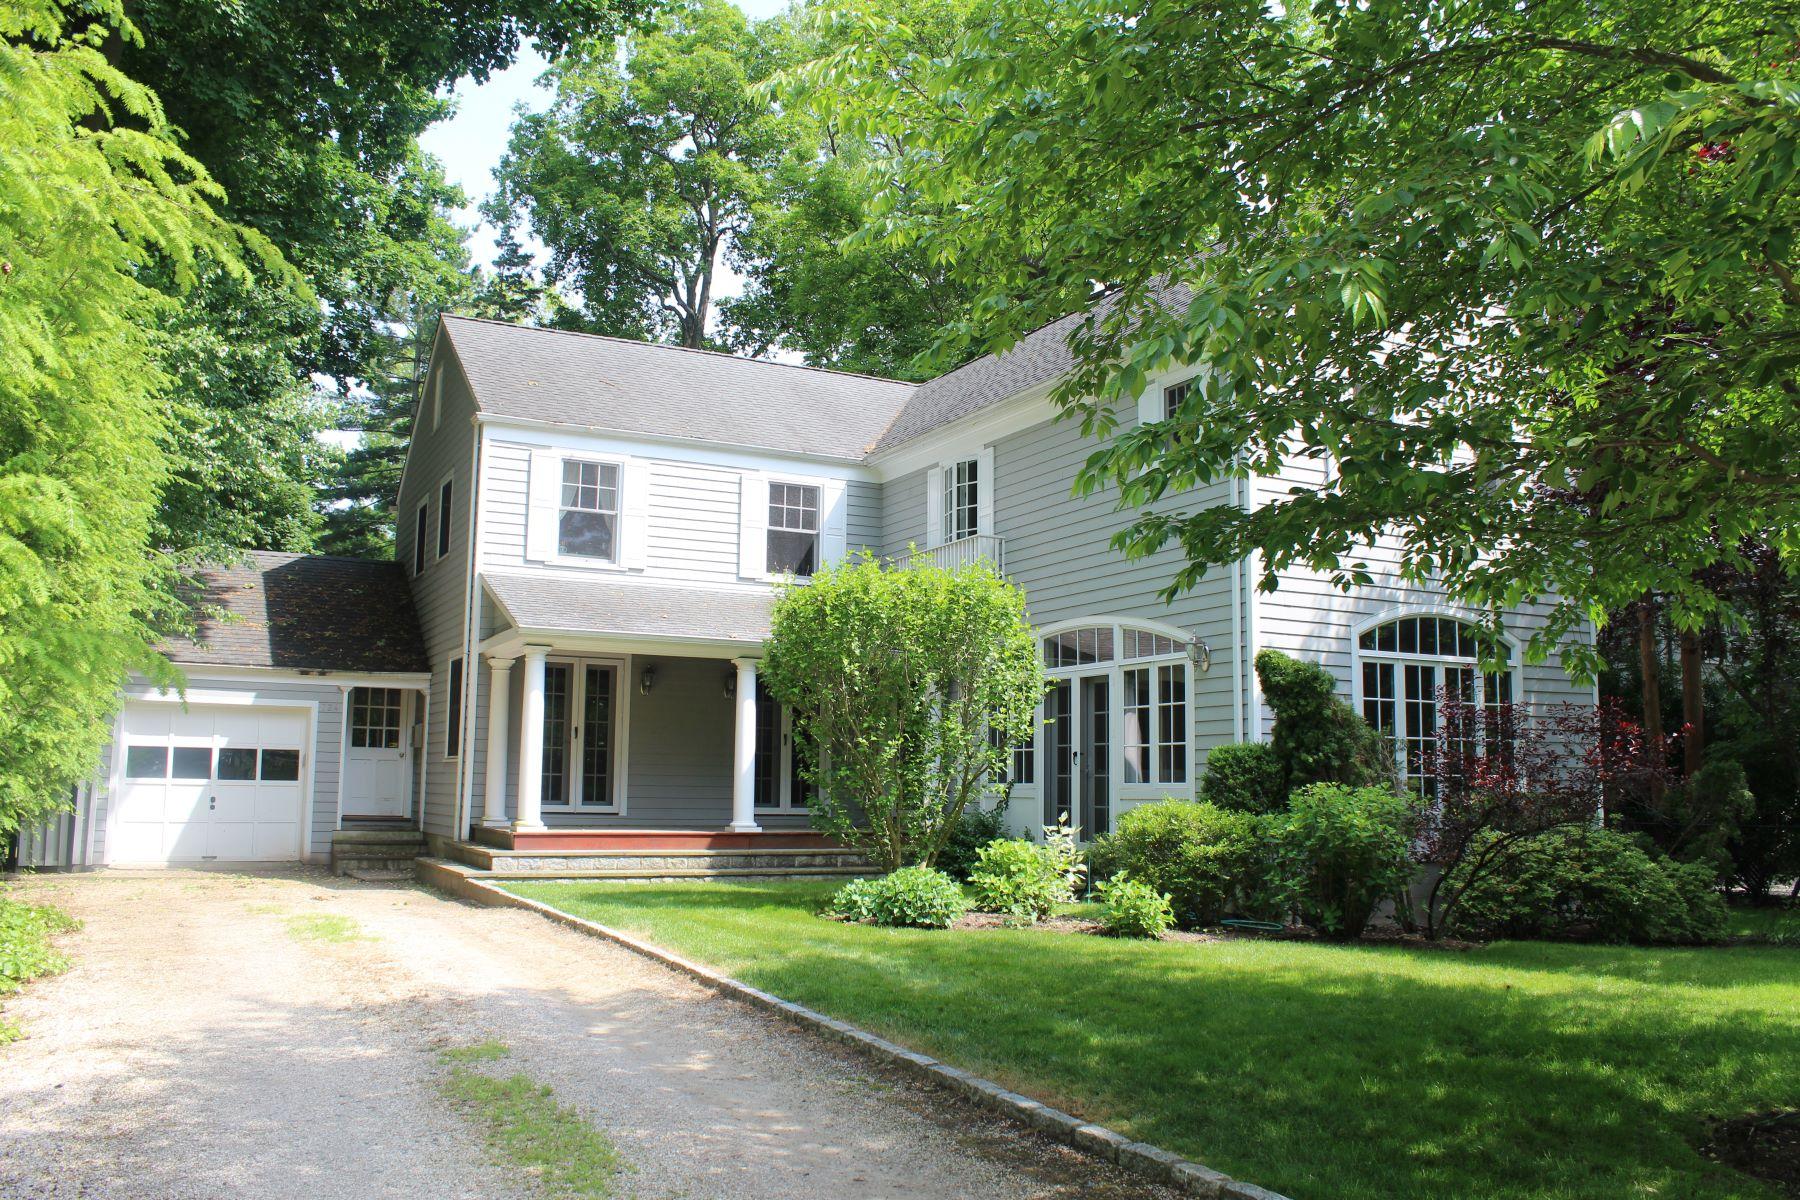 Casa Unifamiliar por un Alquiler en 724 Forest Avenue 724 Forest Avenue Mamaroneck, Nueva York 10543 Estados Unidos